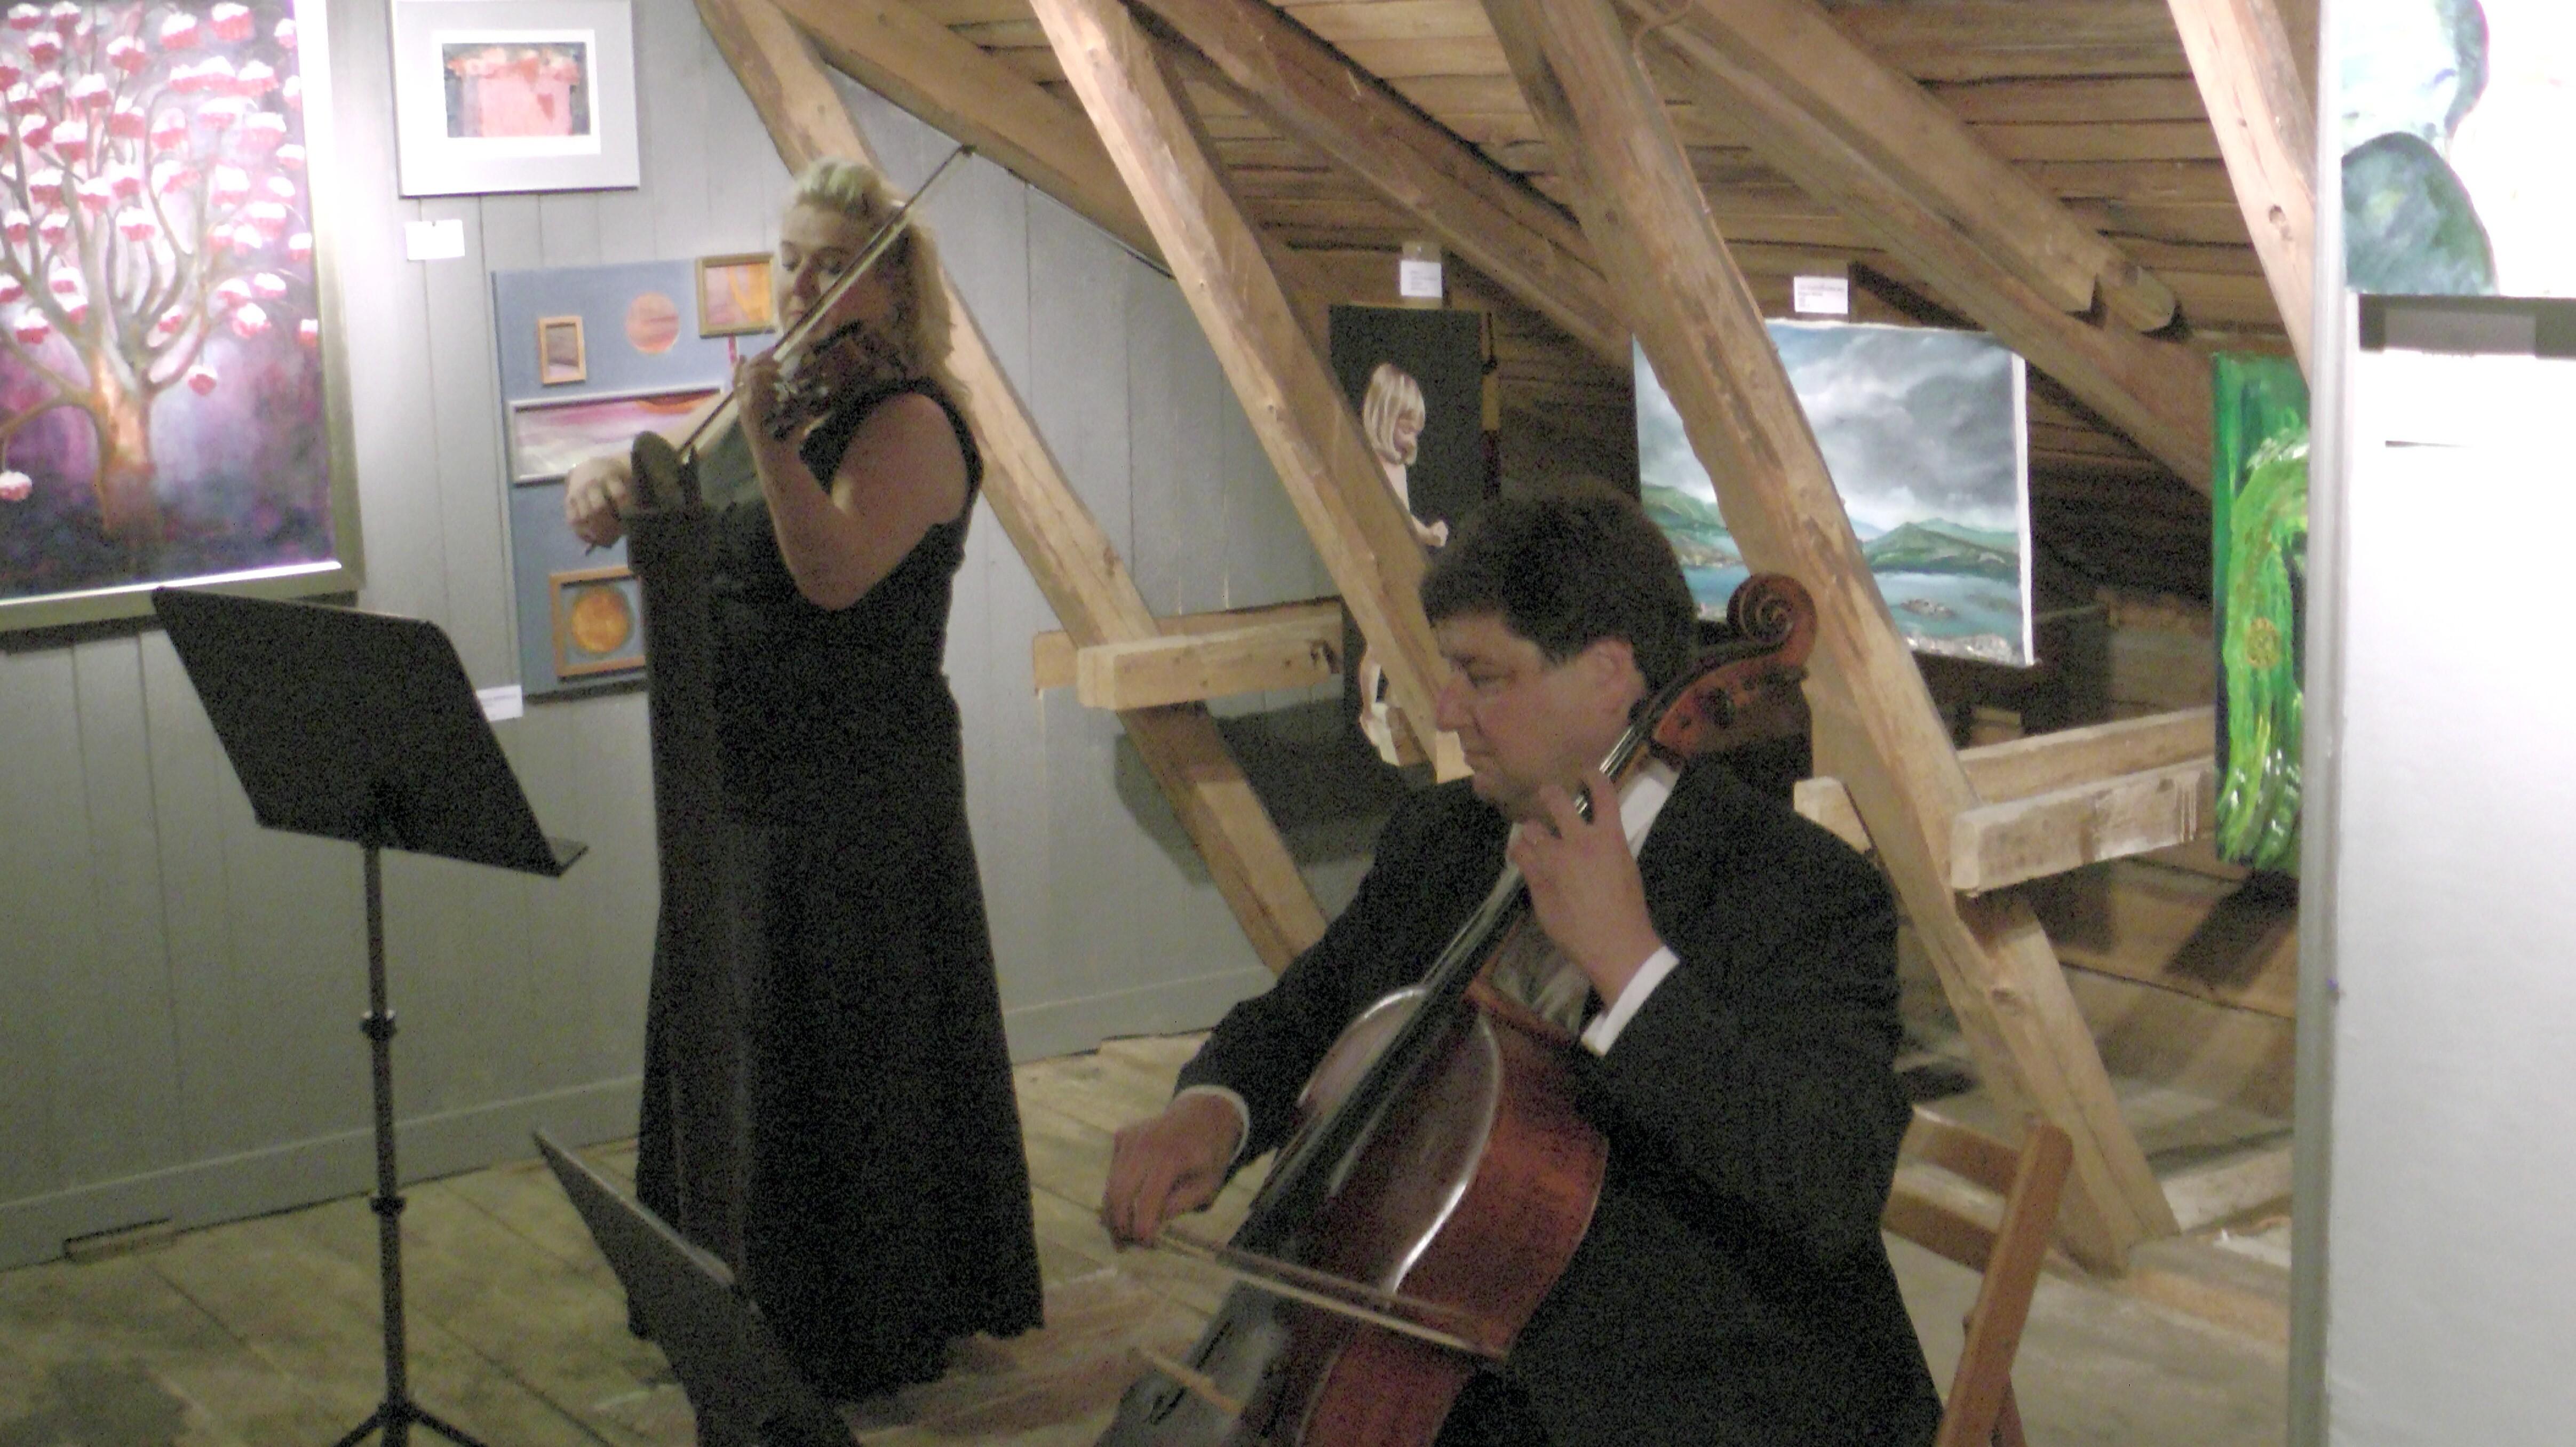 Timitran Linnan TalliGallerian illalliskonsertissa esiintyivät Susanna Mieskonen-Makkonen ja Matti Makkonen.